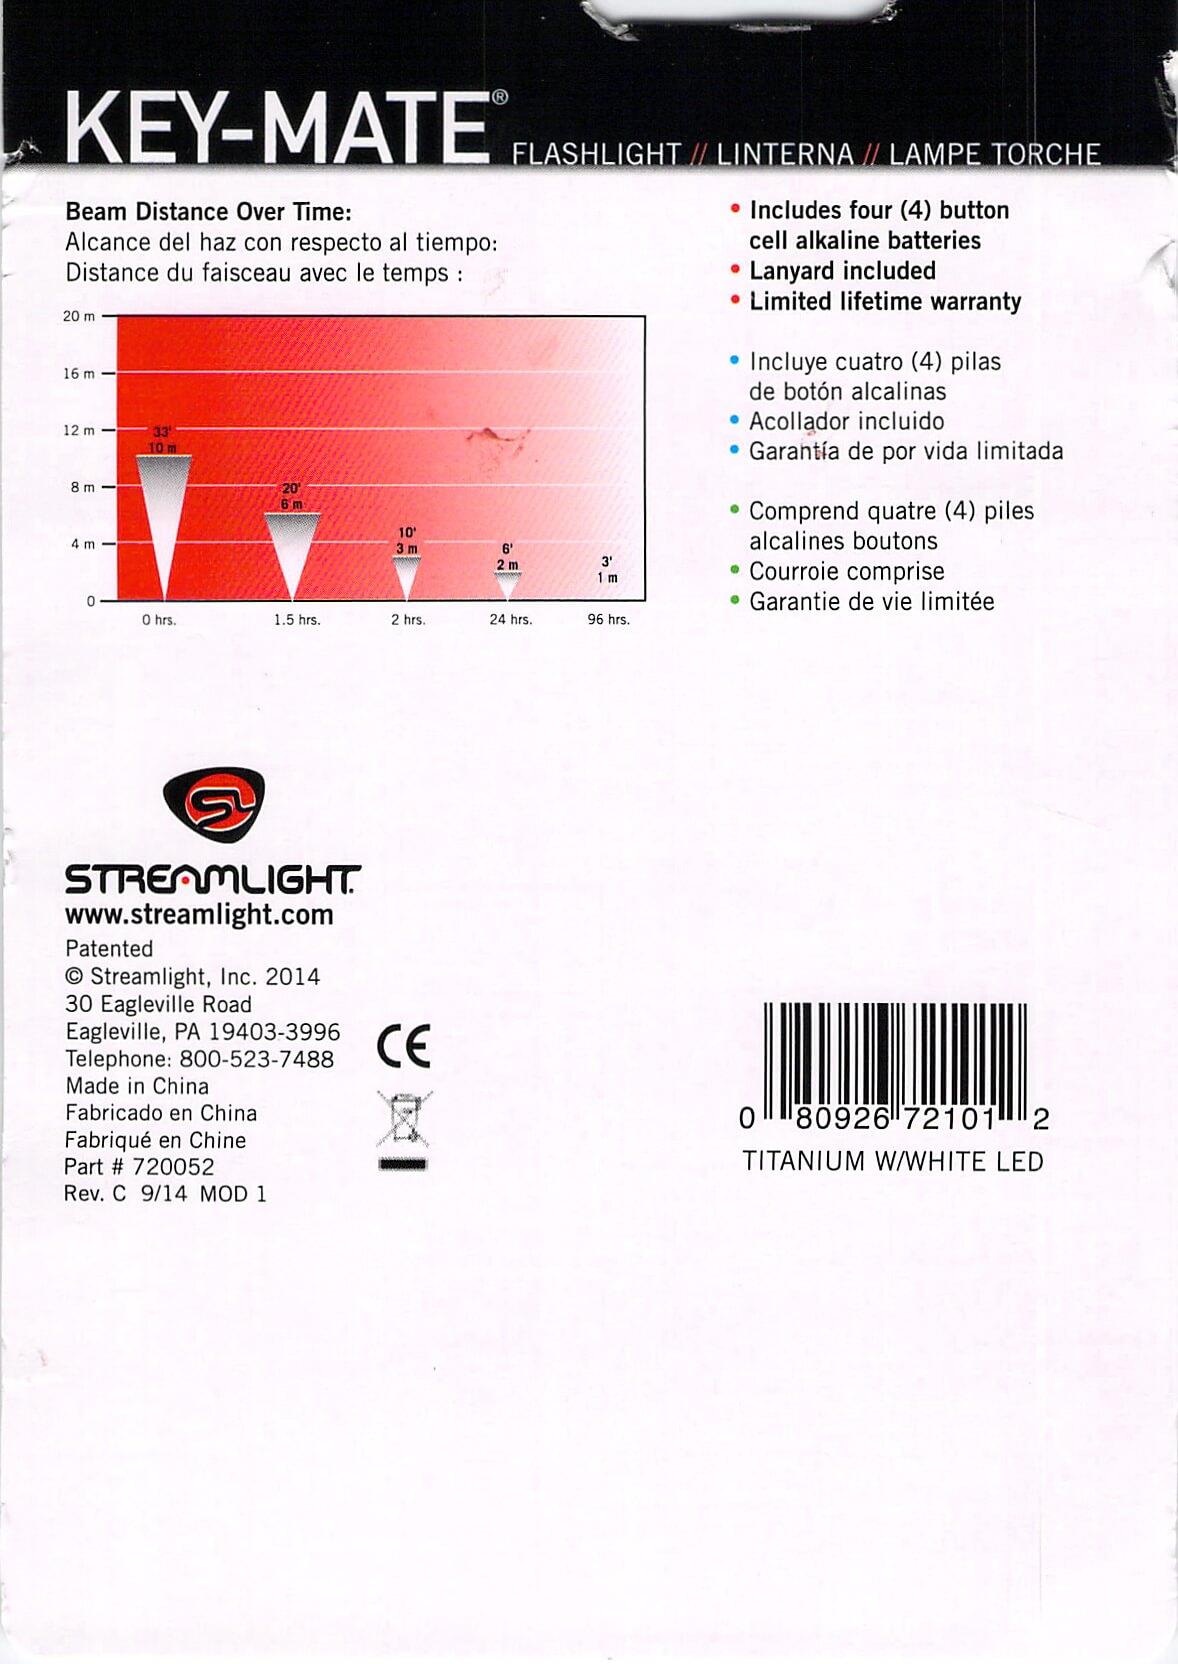 streamlight key-mate 72101 keychain twisty flashlight paperwork